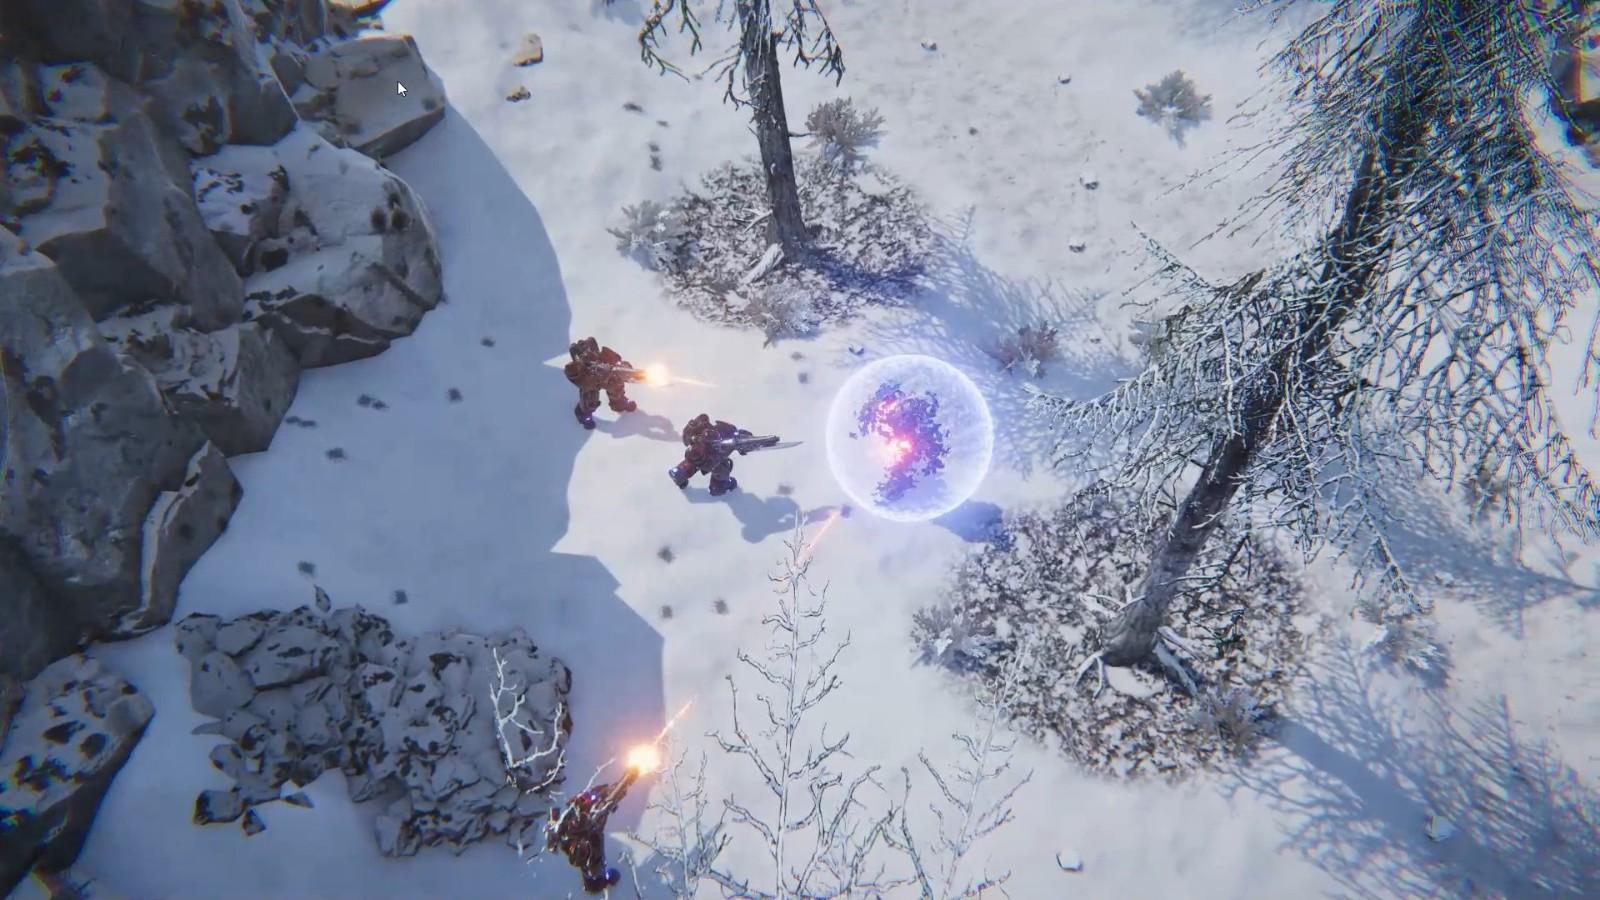 俯视角科幻动作游戏《黑风》试玩版上架Steam 利用机甲击退外星人